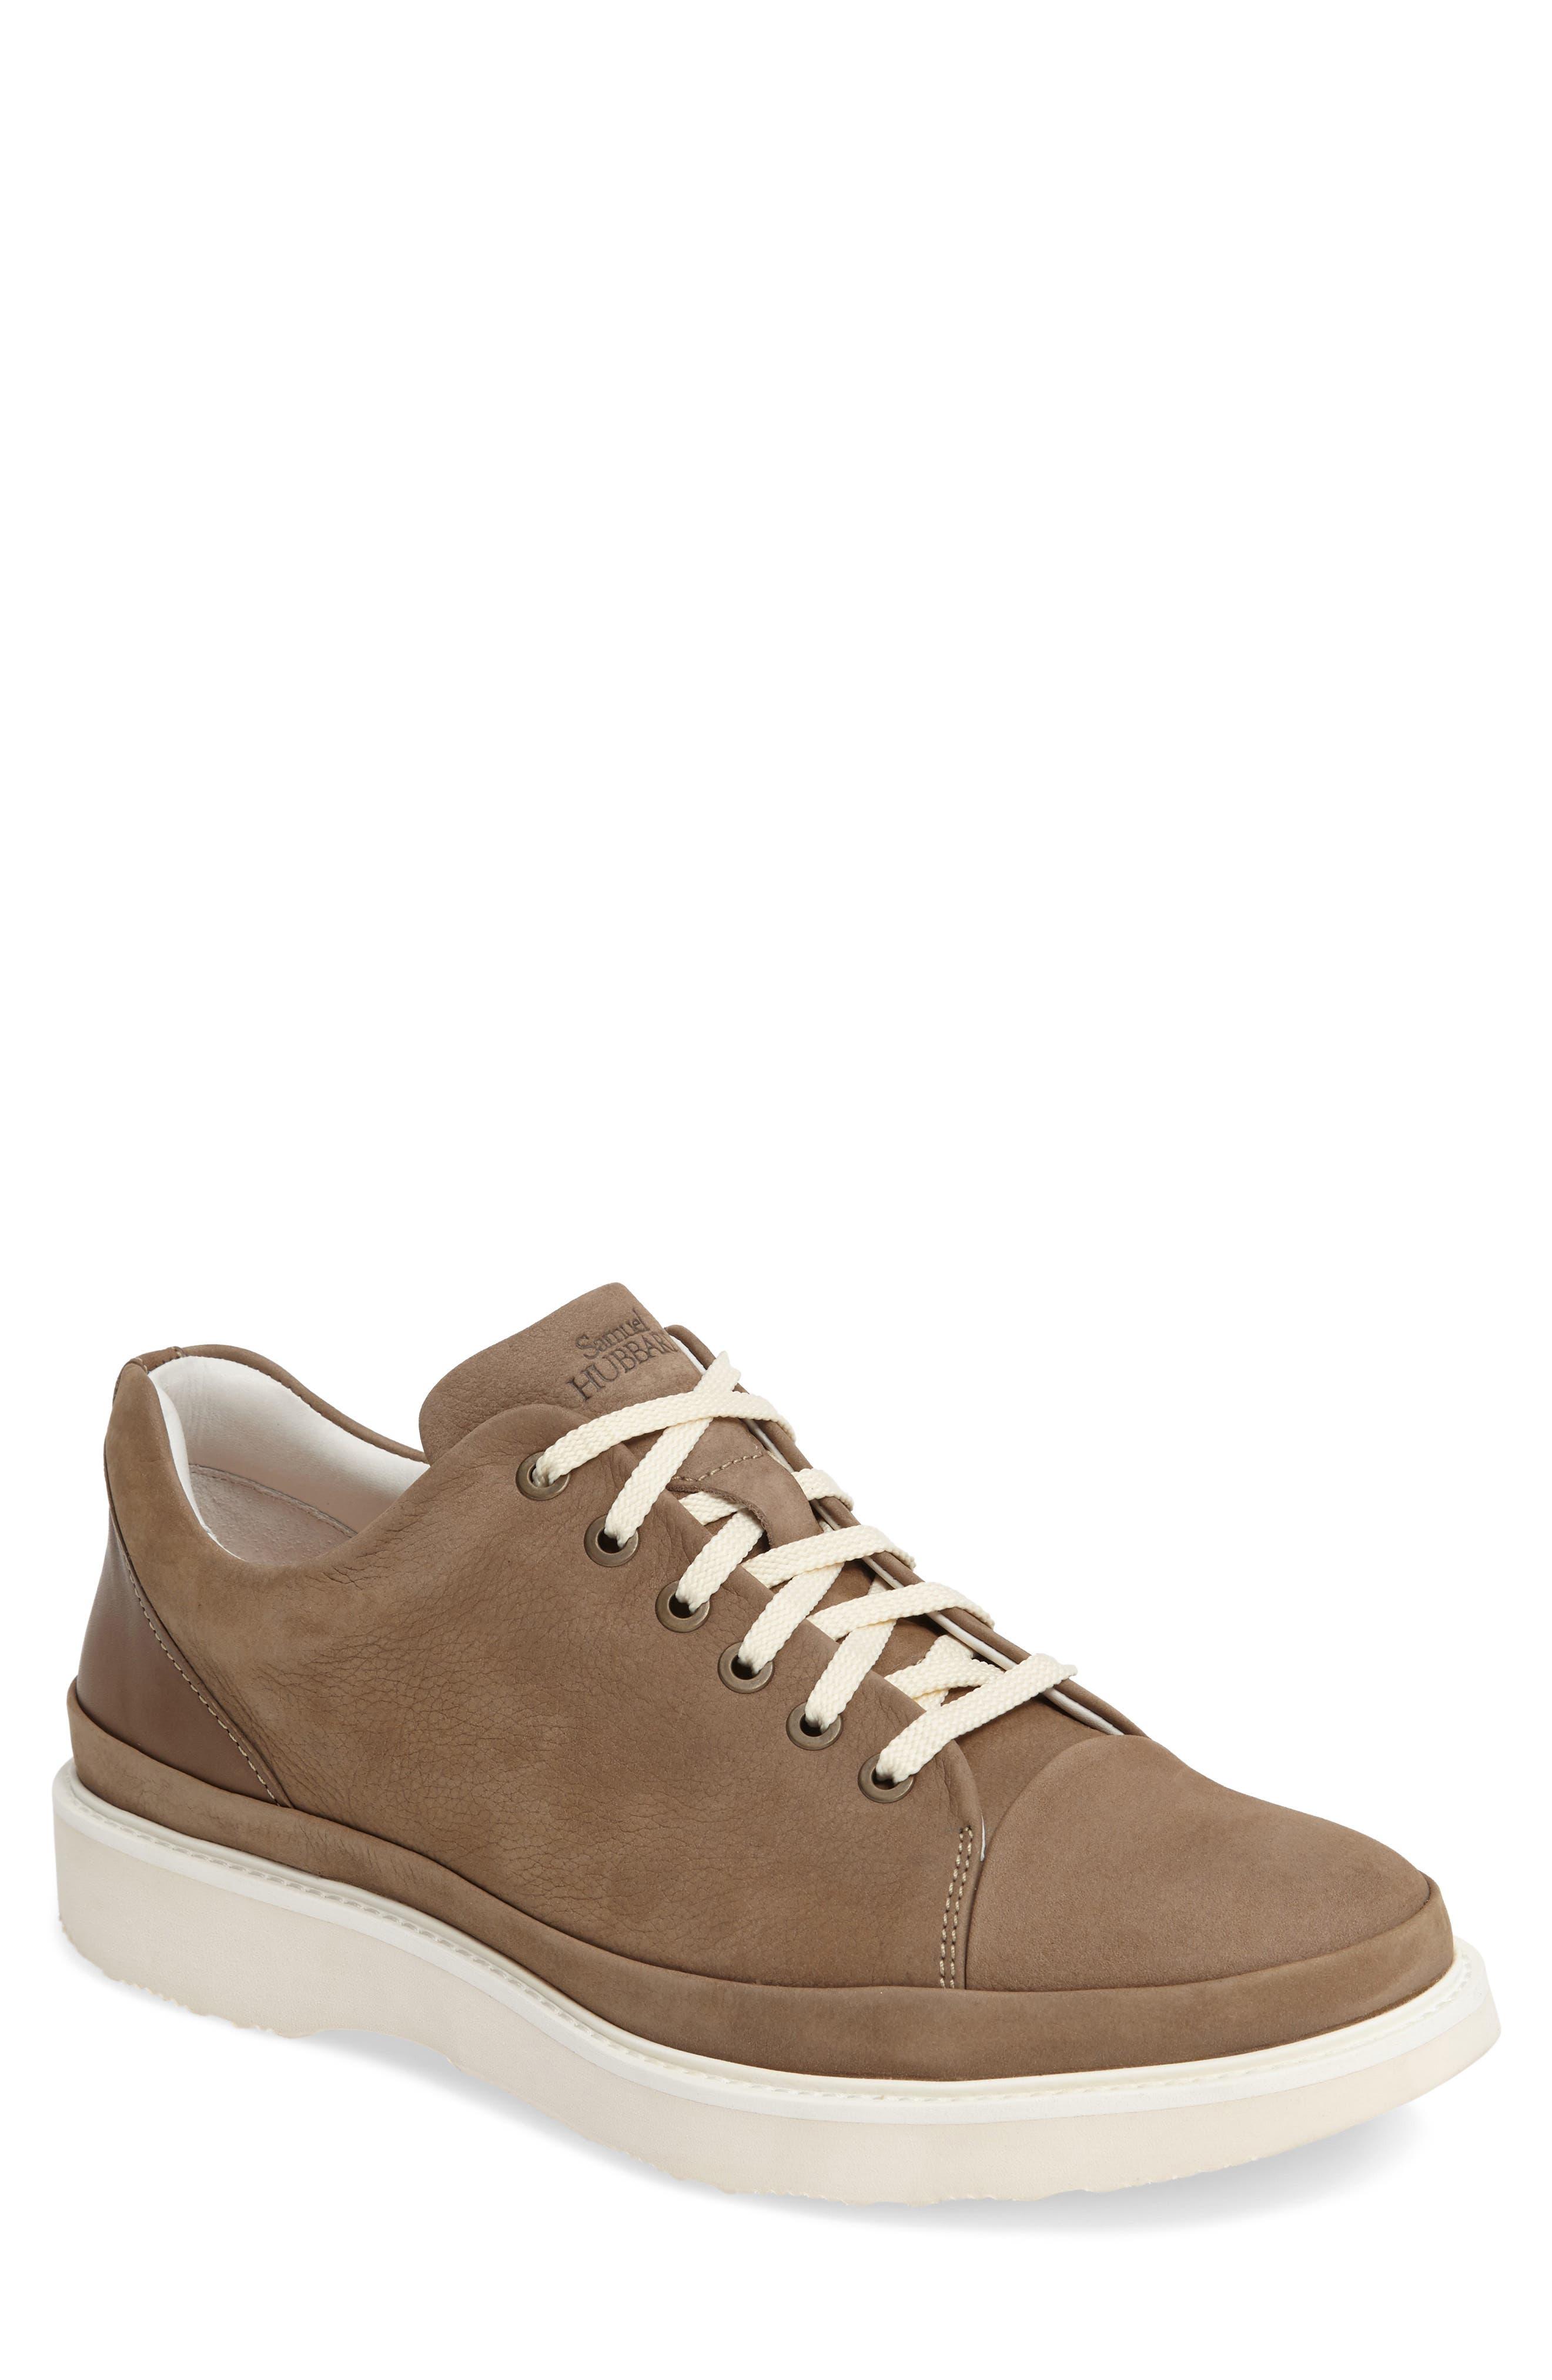 Men's Samuel Hubbard Sneaker, Size 13 M - Beige